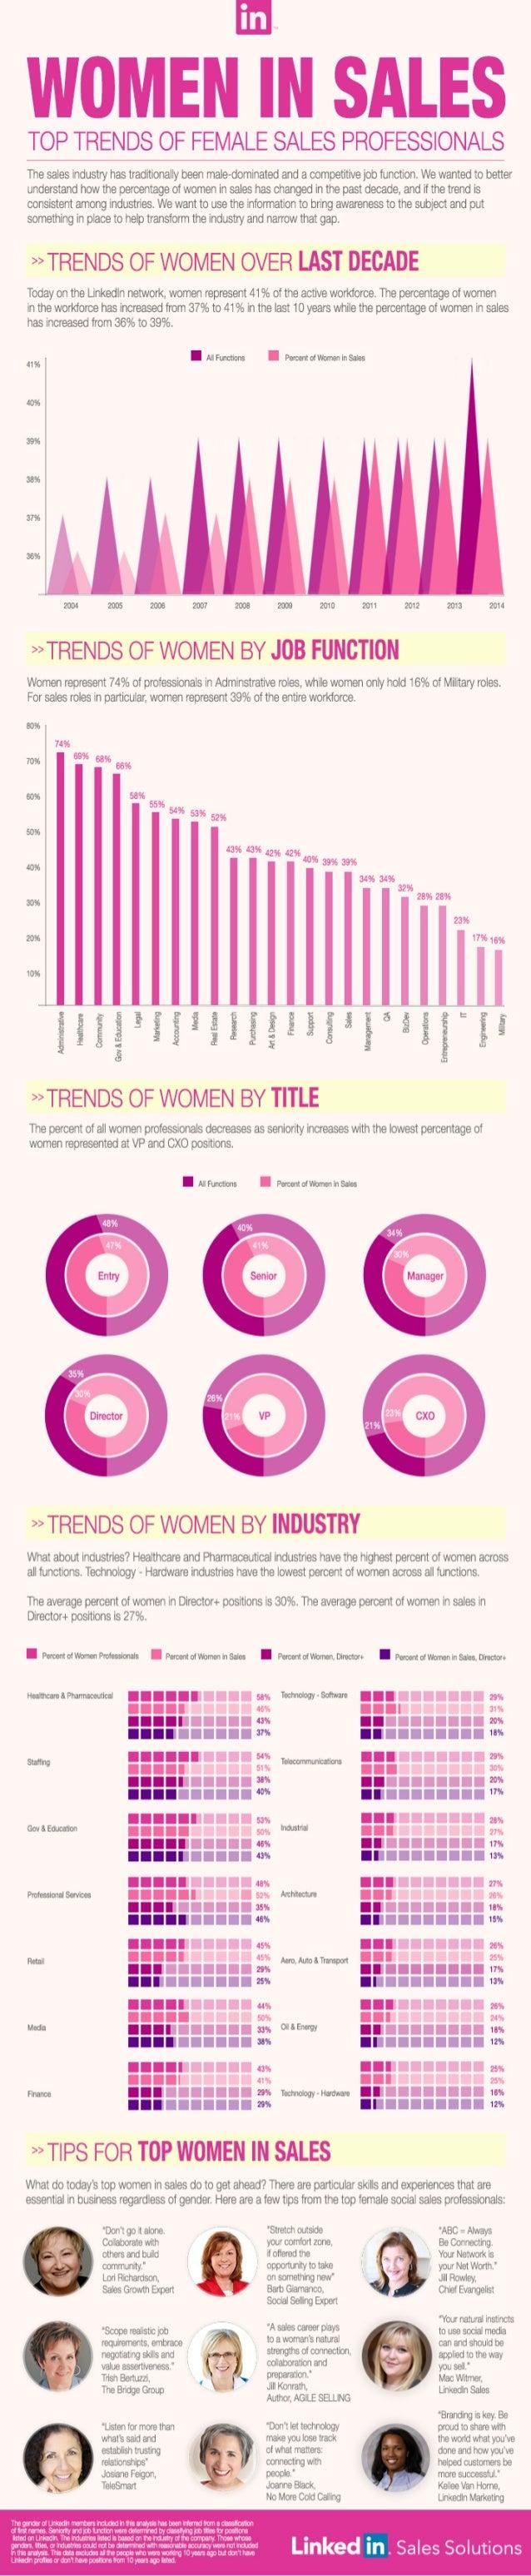 Trends of Women in Sales